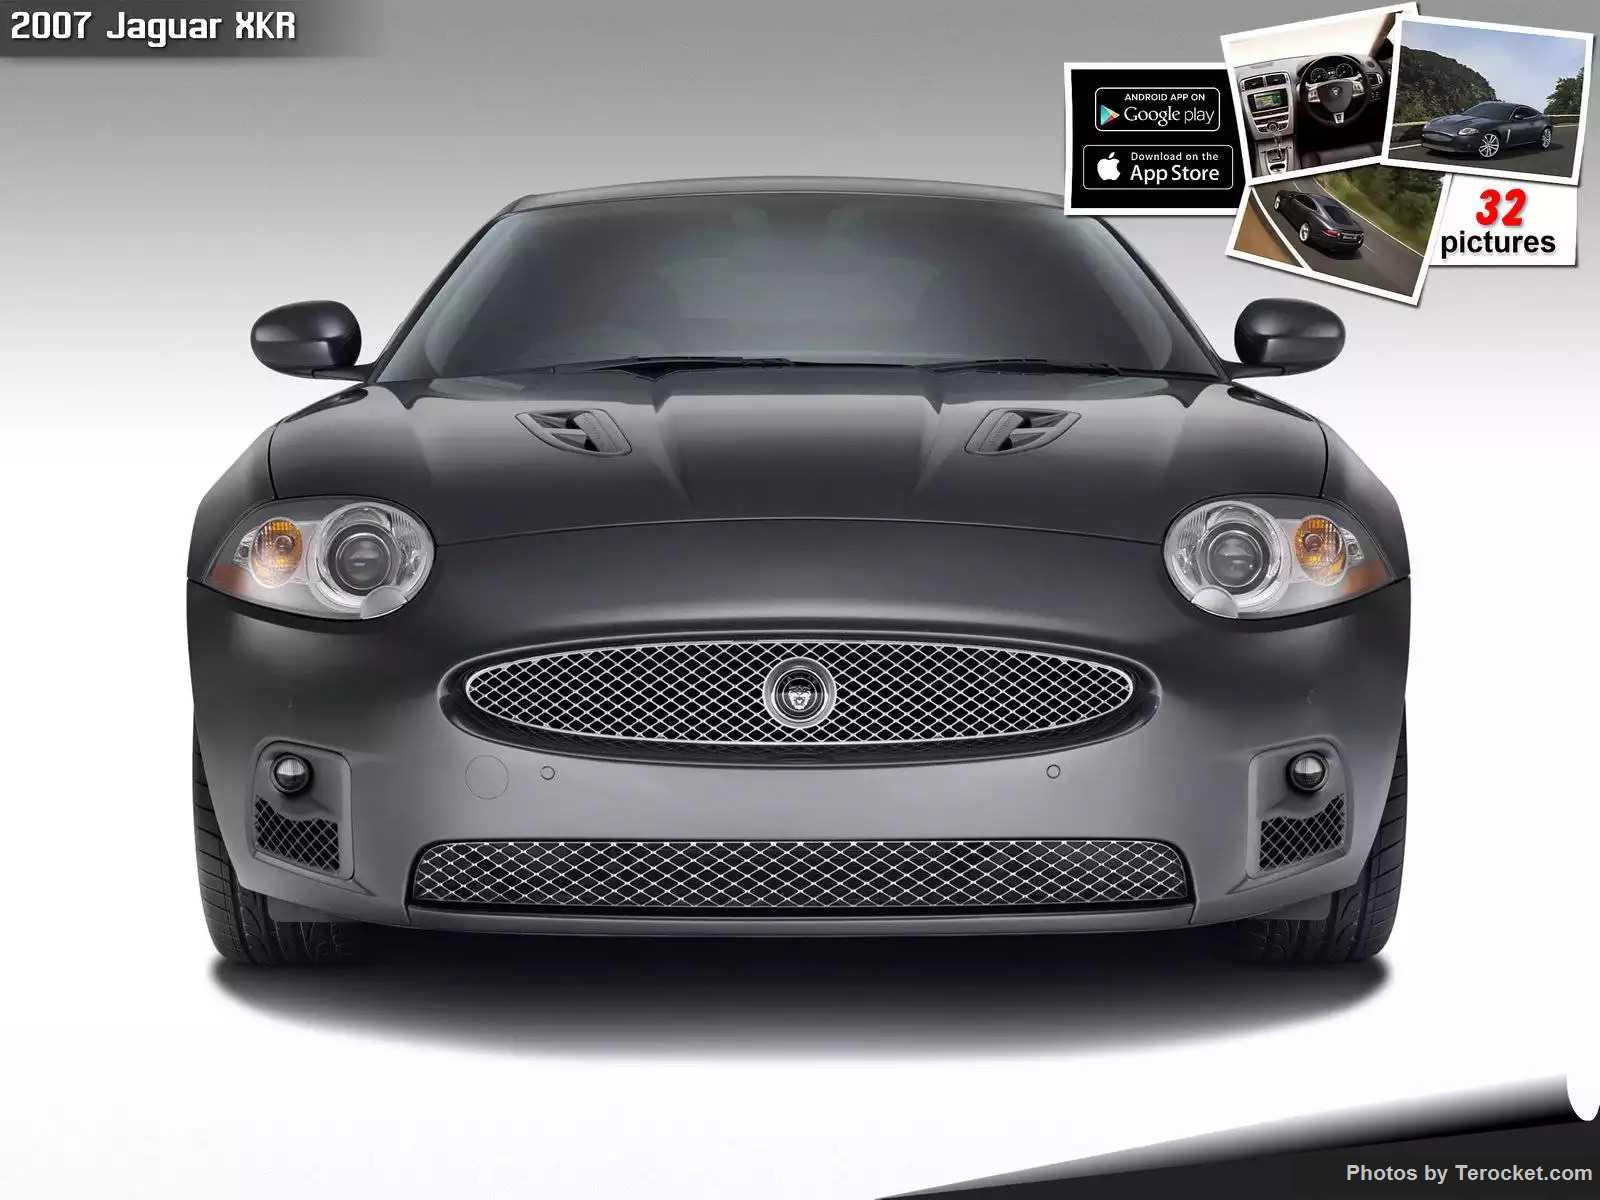 Hình ảnh xe ô tô Jaguar XKR 2007 & nội ngoại thất